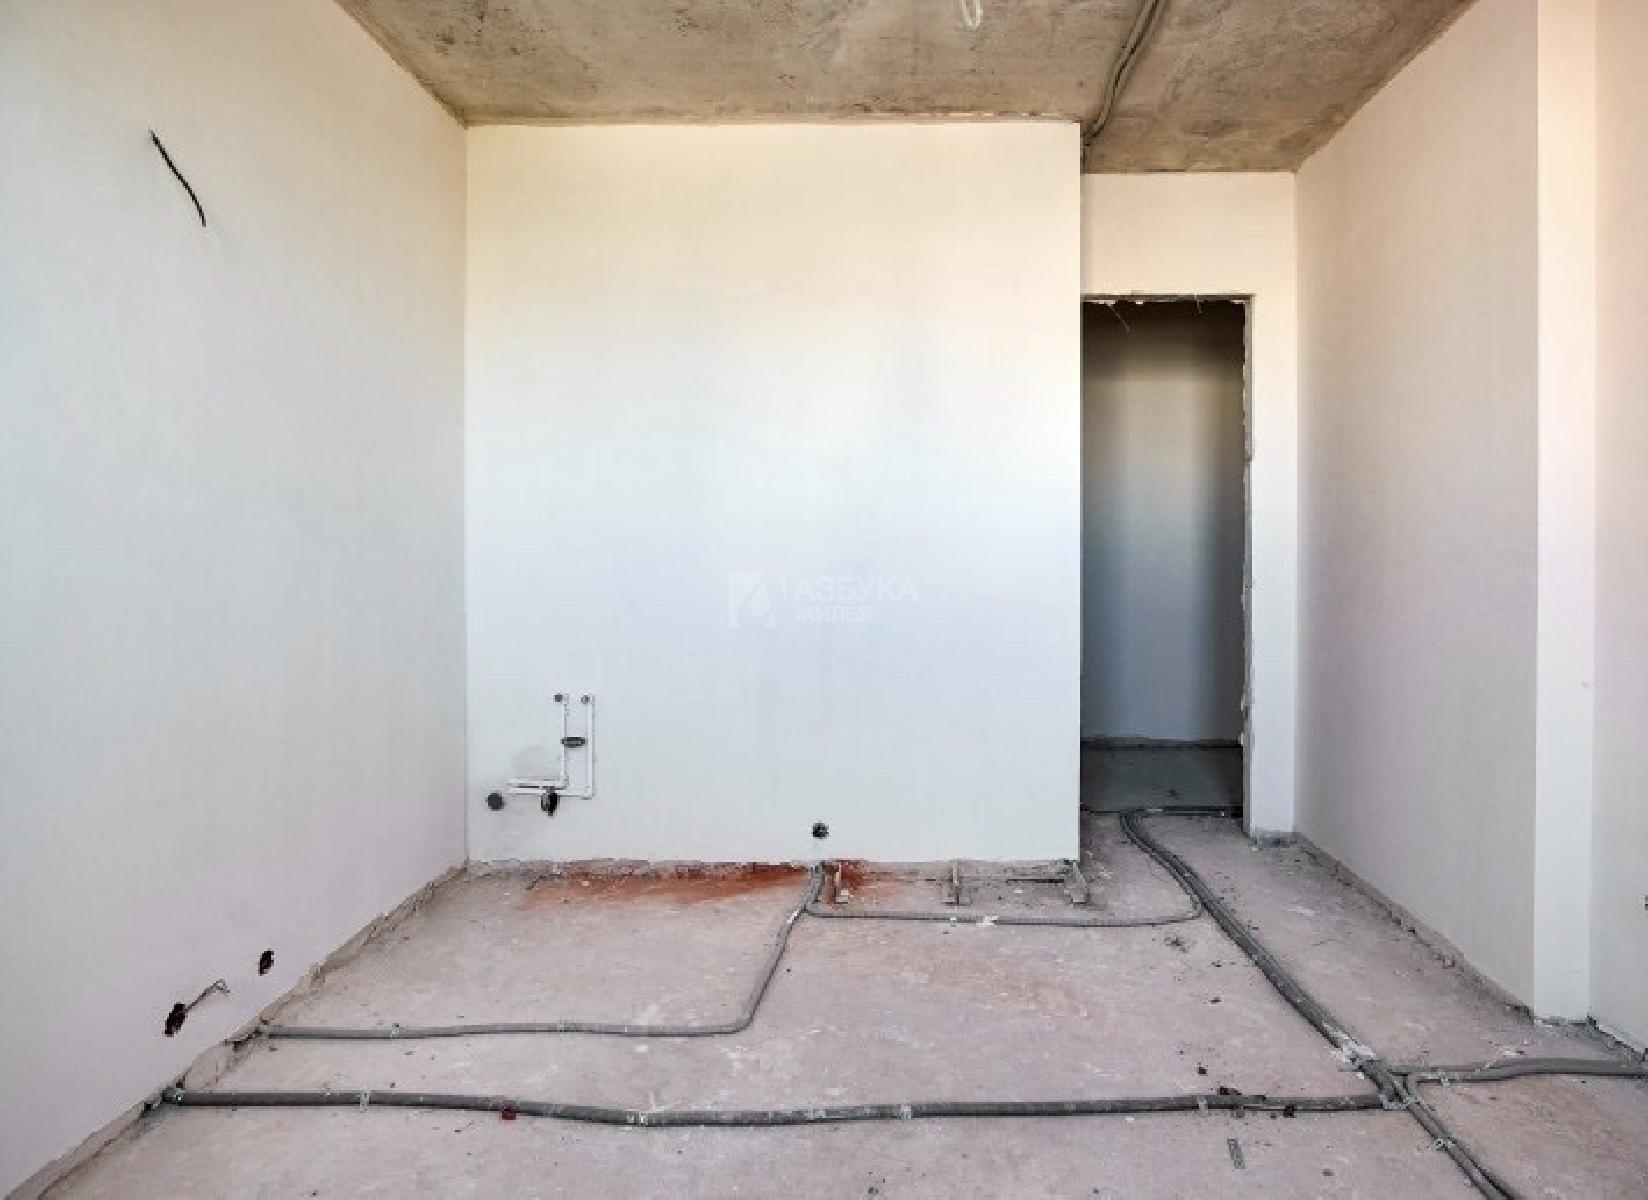 Фото №4 - 1-комнатная квартира, Люберцы, Инициативная улица 7 корпус  владение